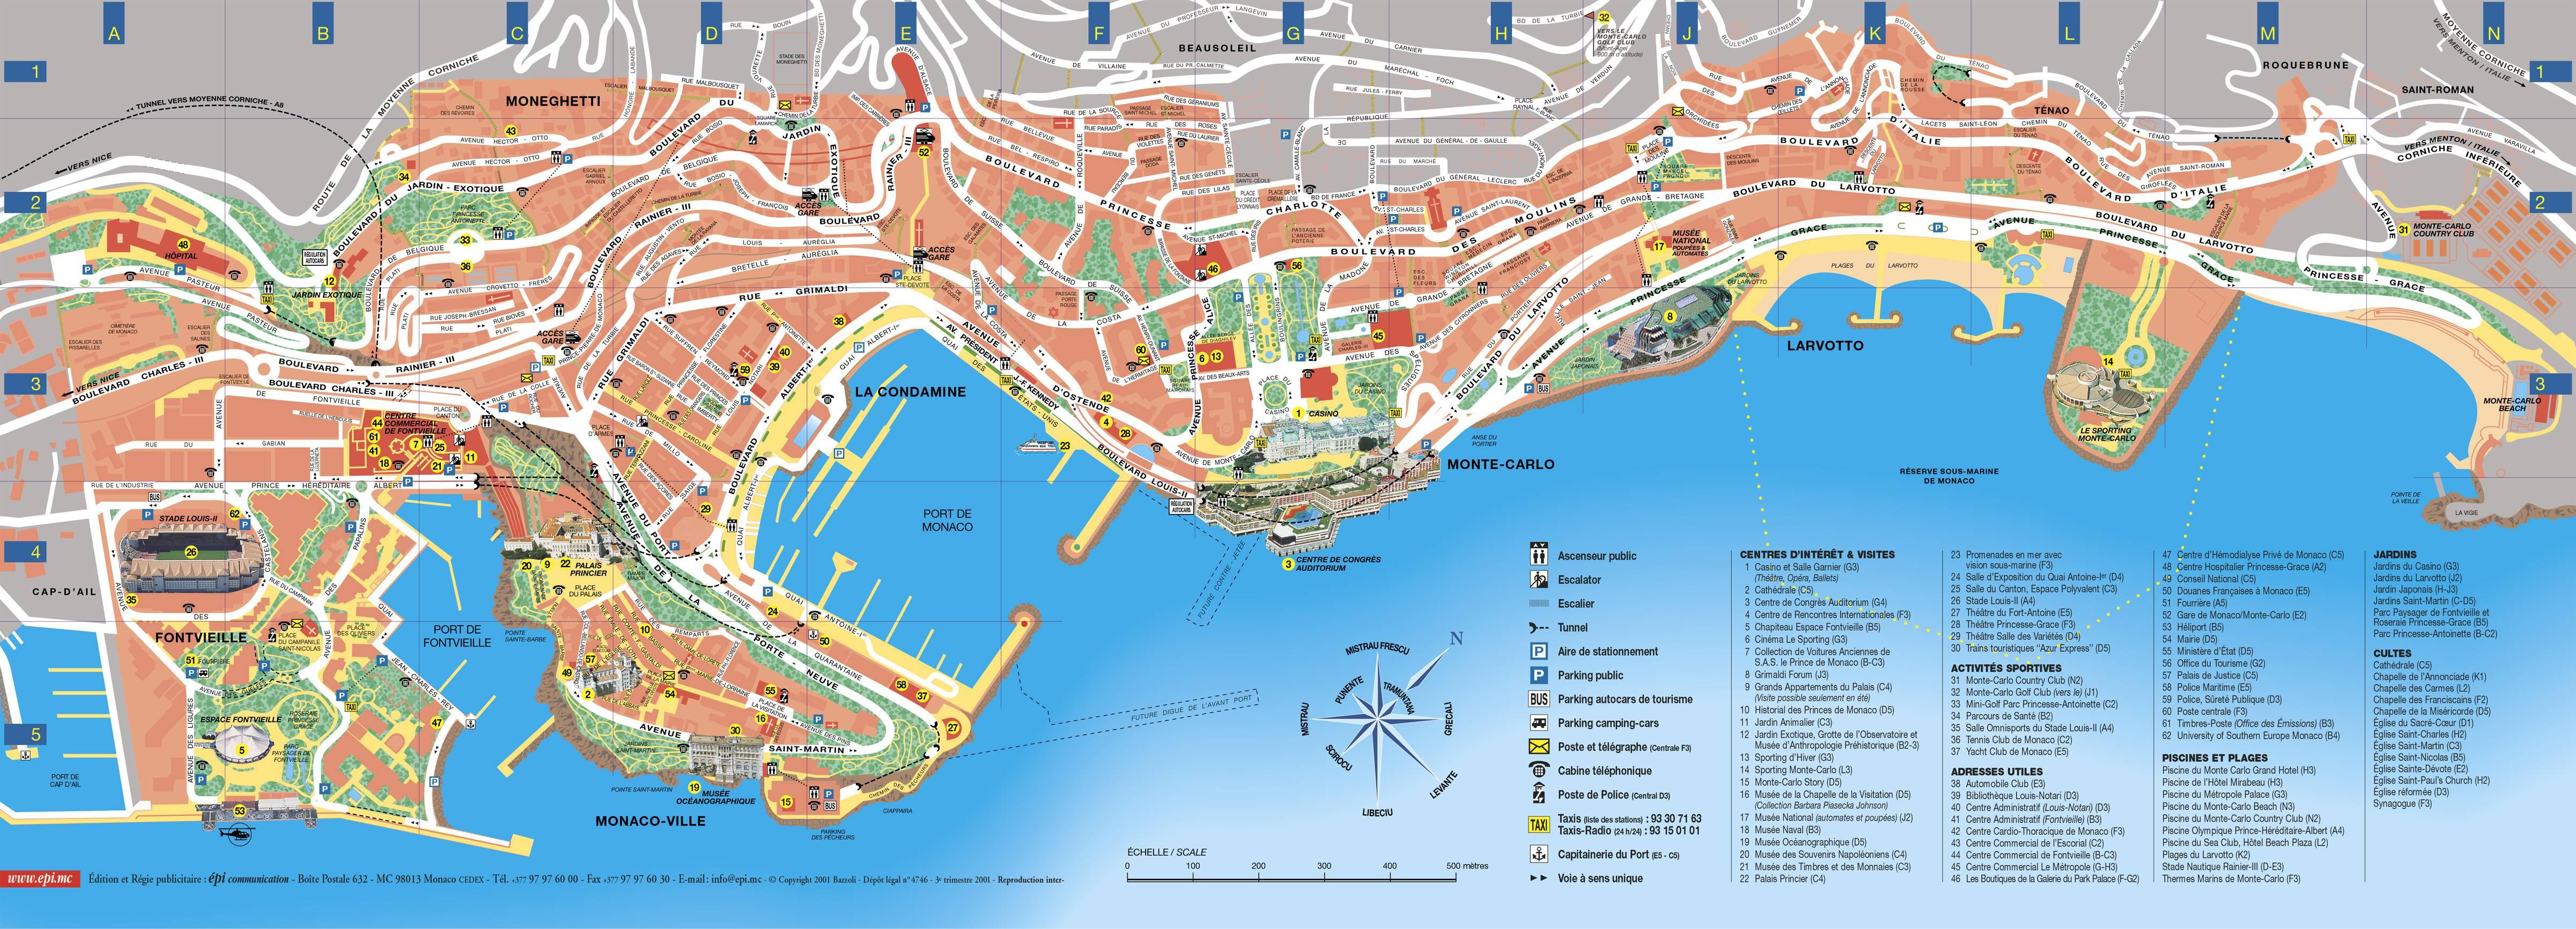 Carte des sites touristiques de Monaco